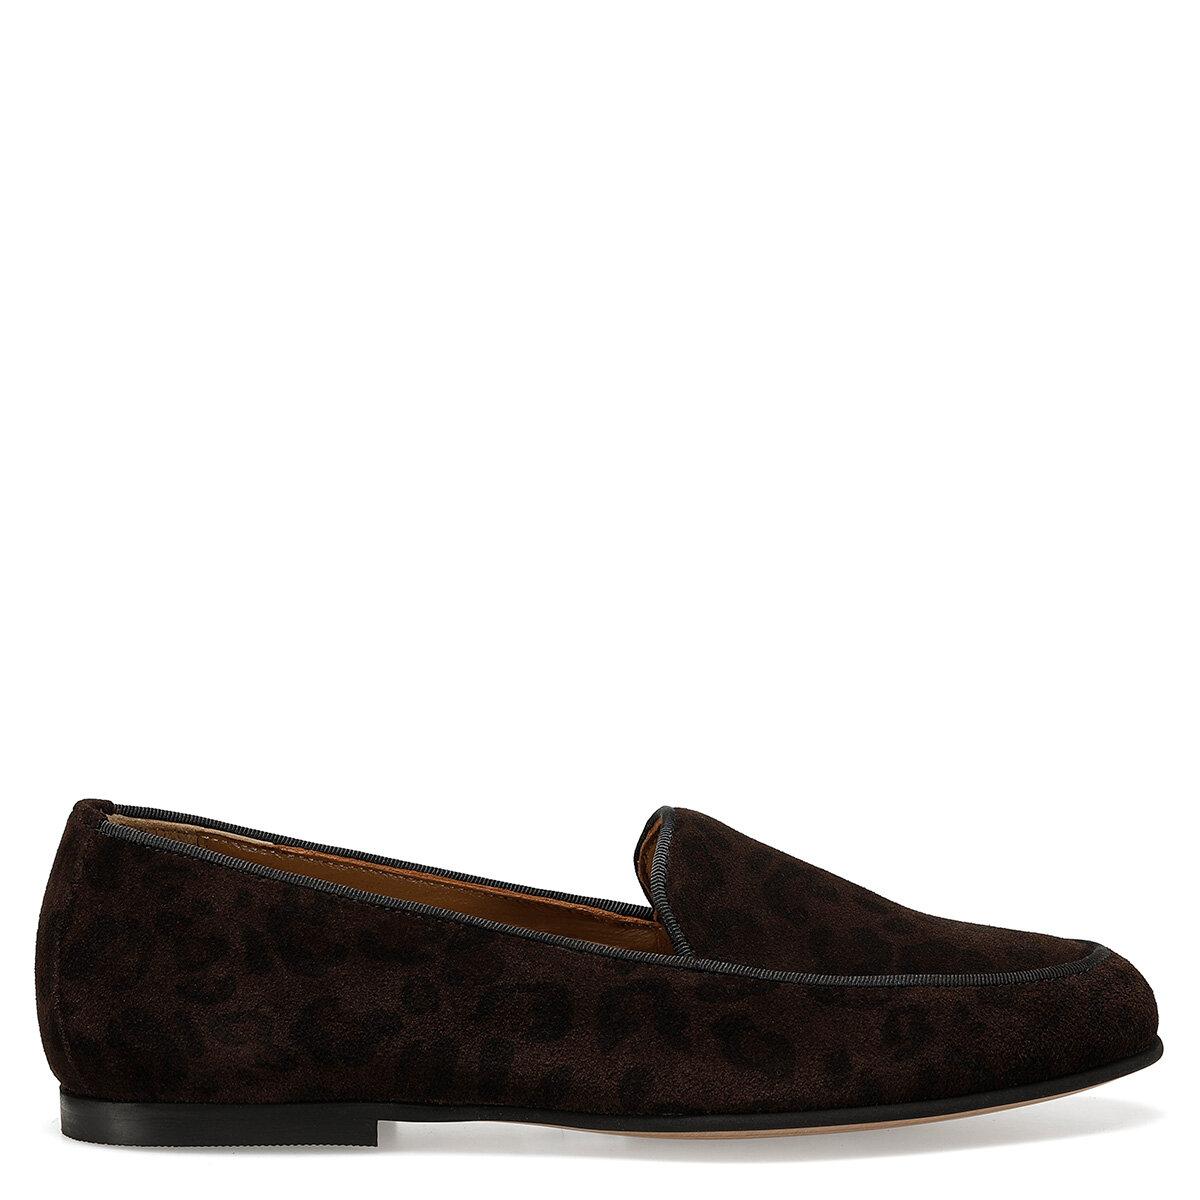 GARME Kahverengi Kadın Loafer Ayakkabı